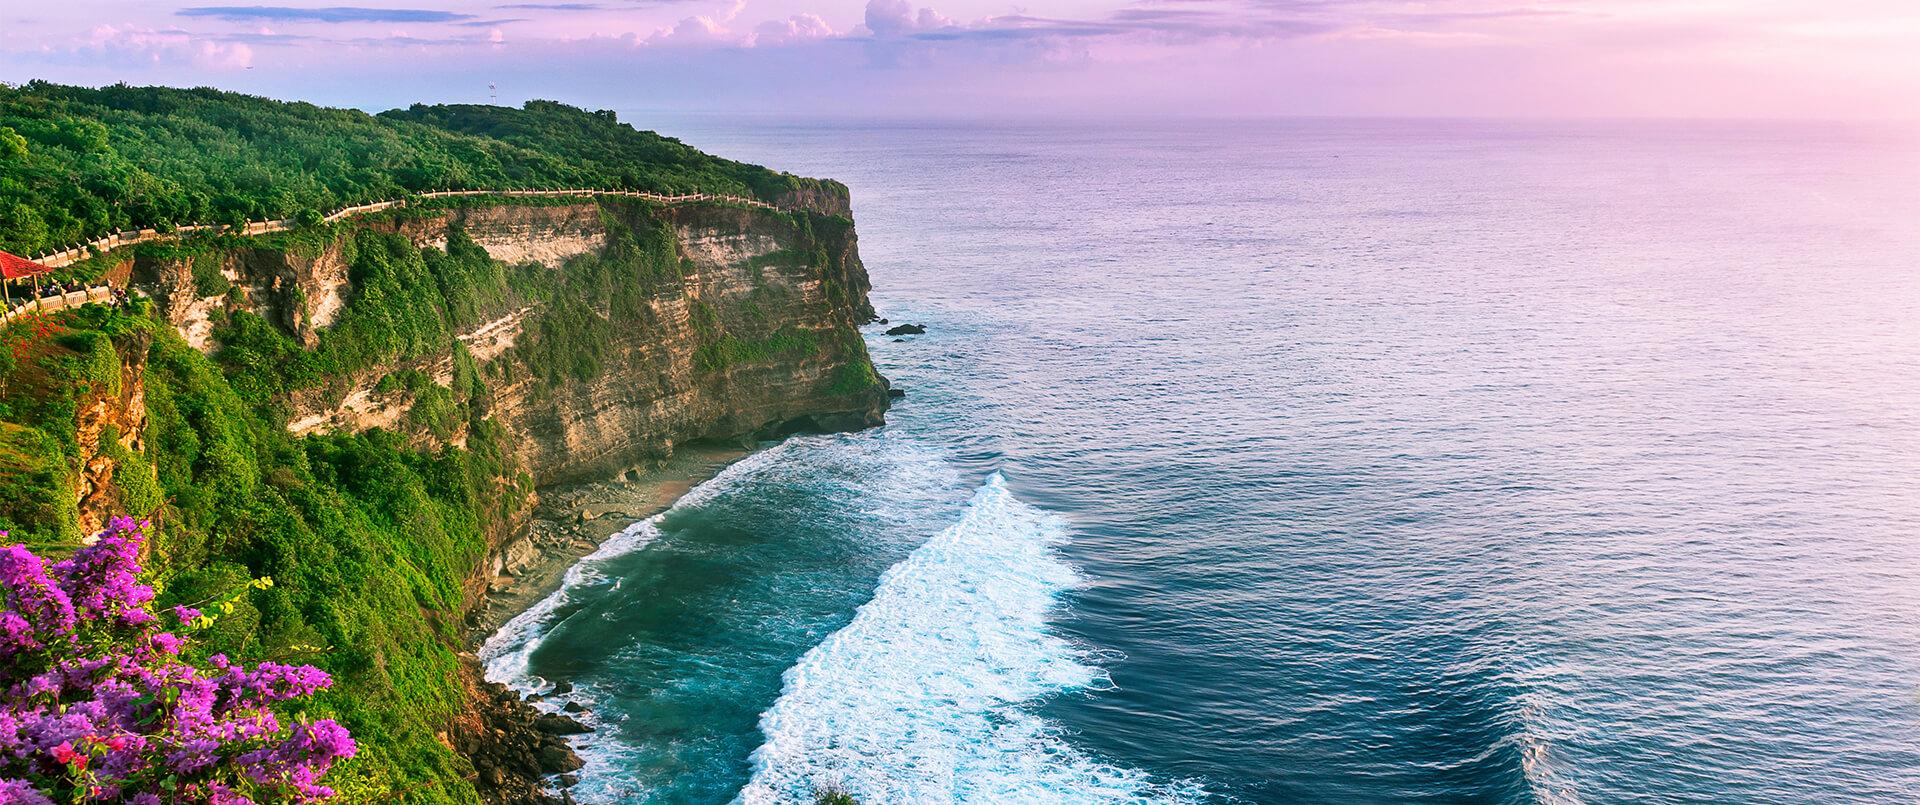 Indulgent Indonesia